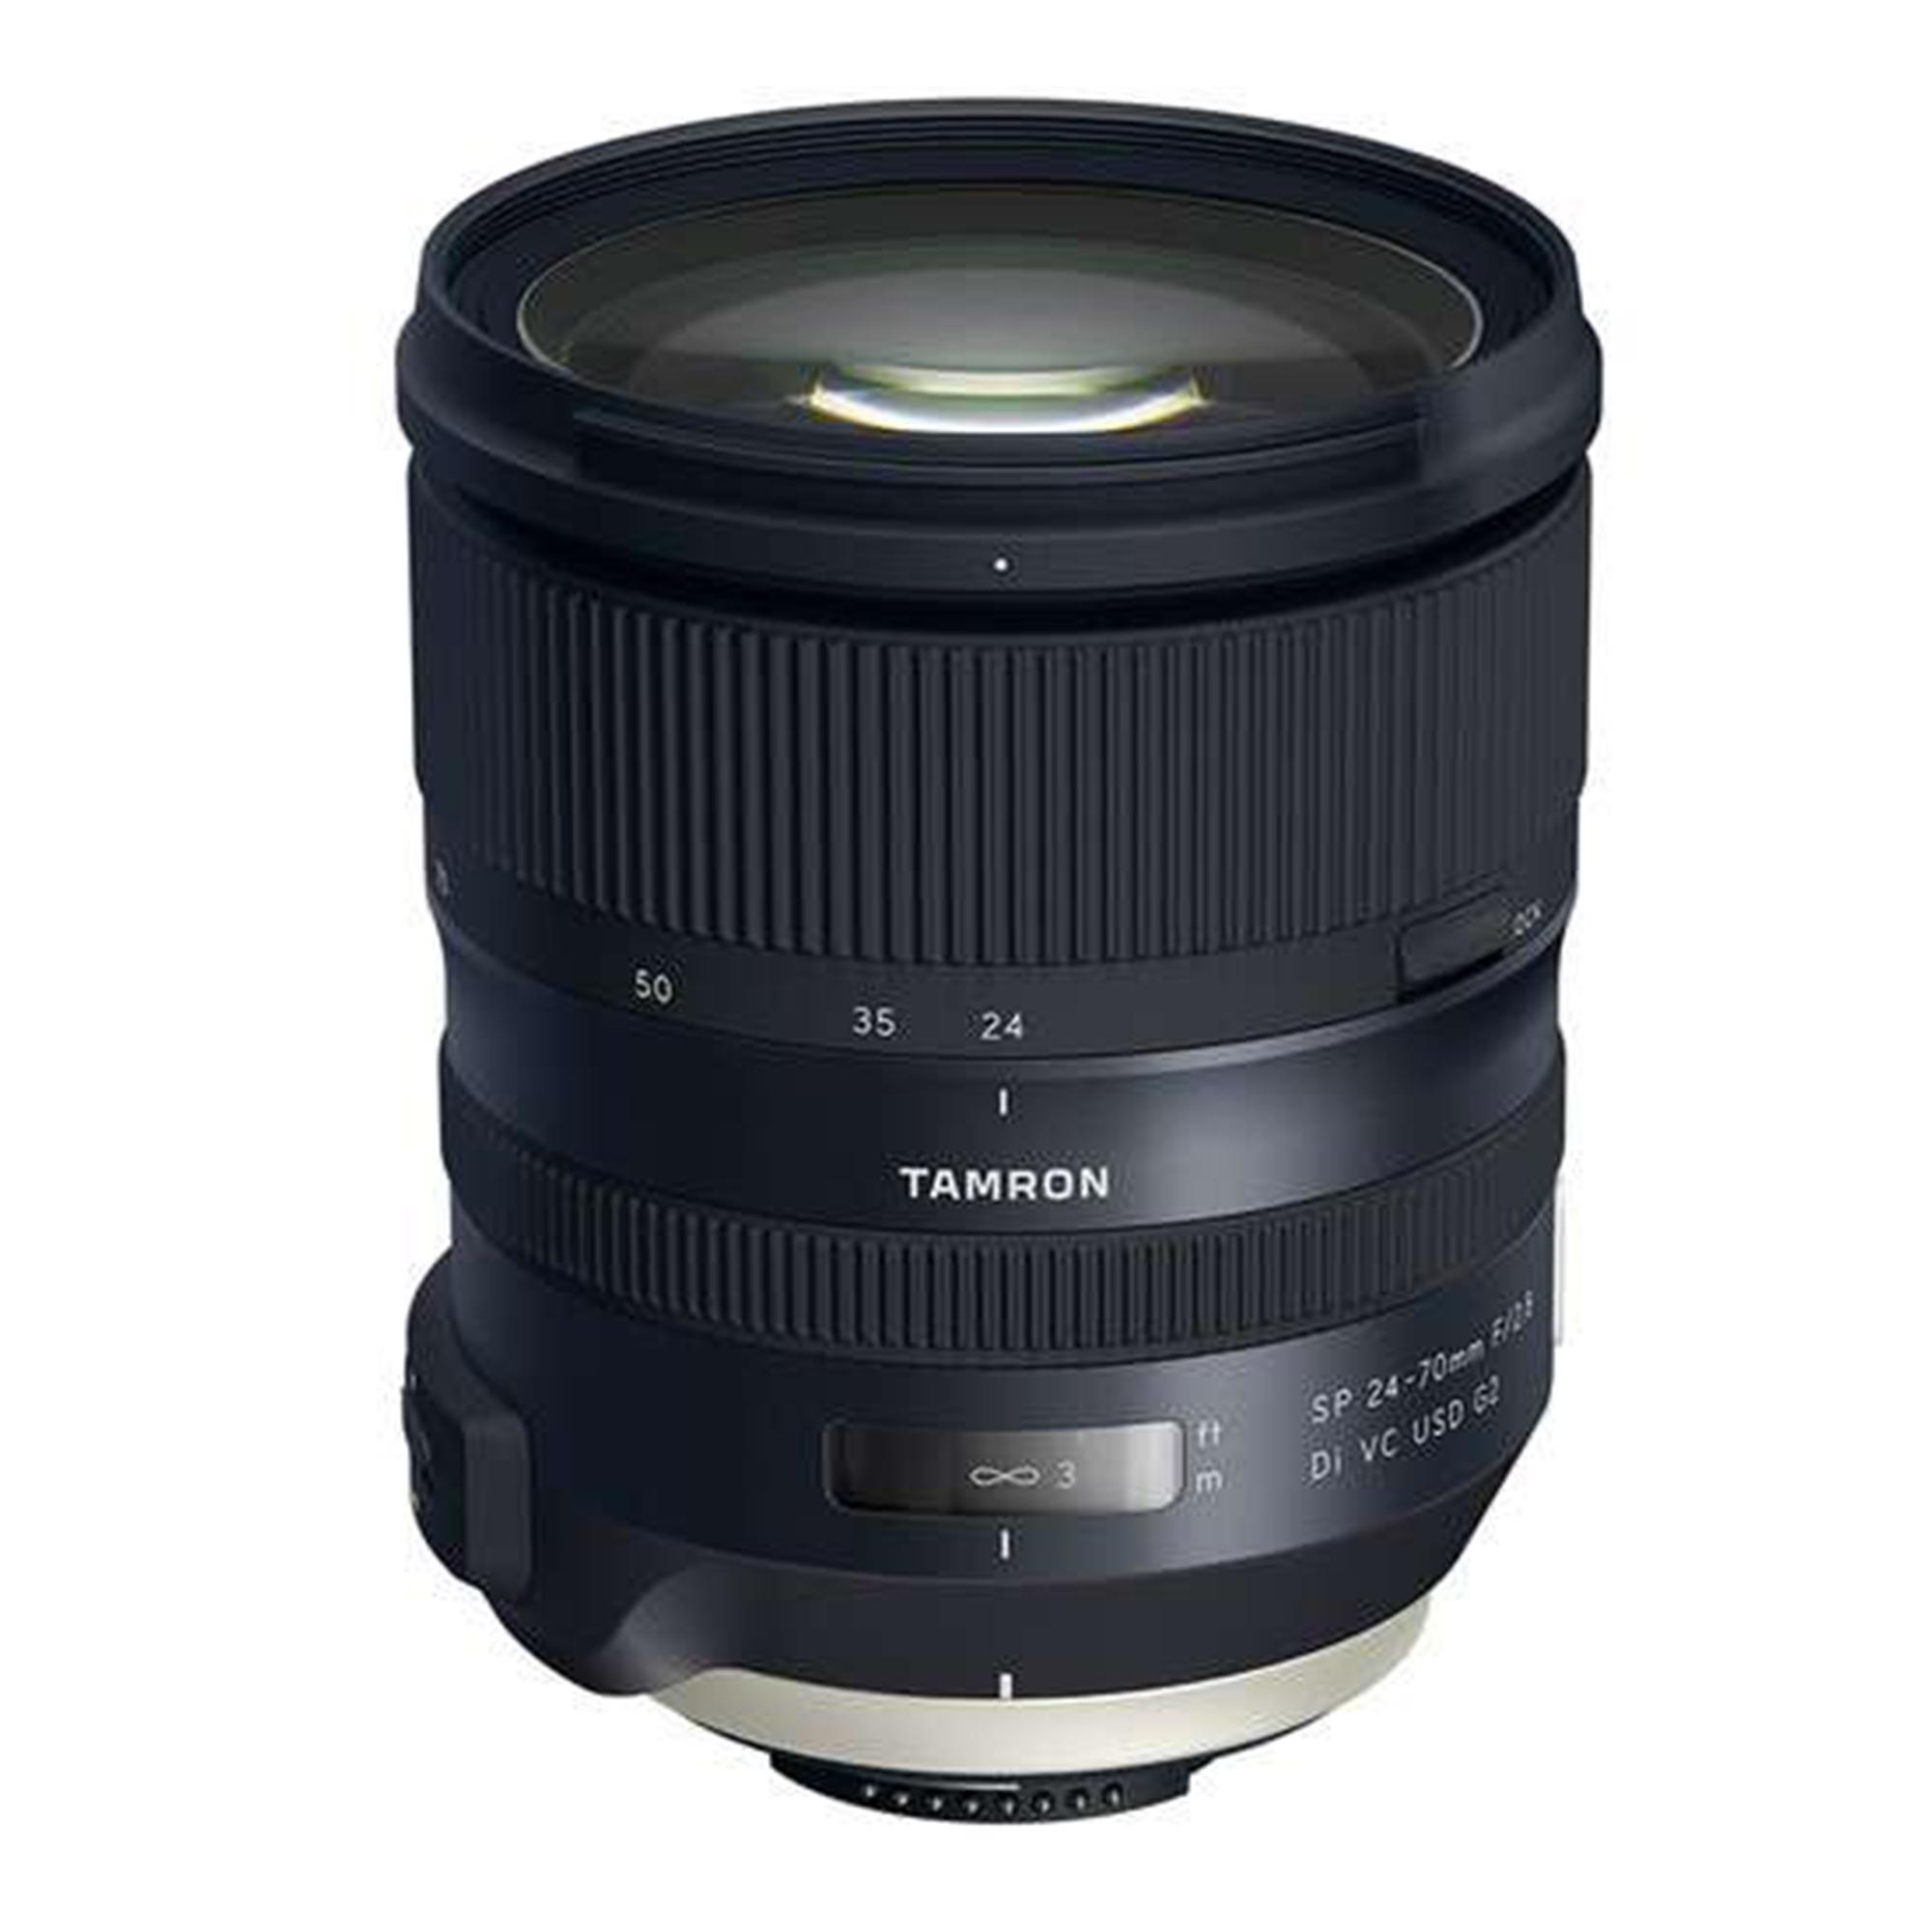 Tamron SP 24-70mm f/2.8 Di VC USD G2 Lens for Canon ِِEF